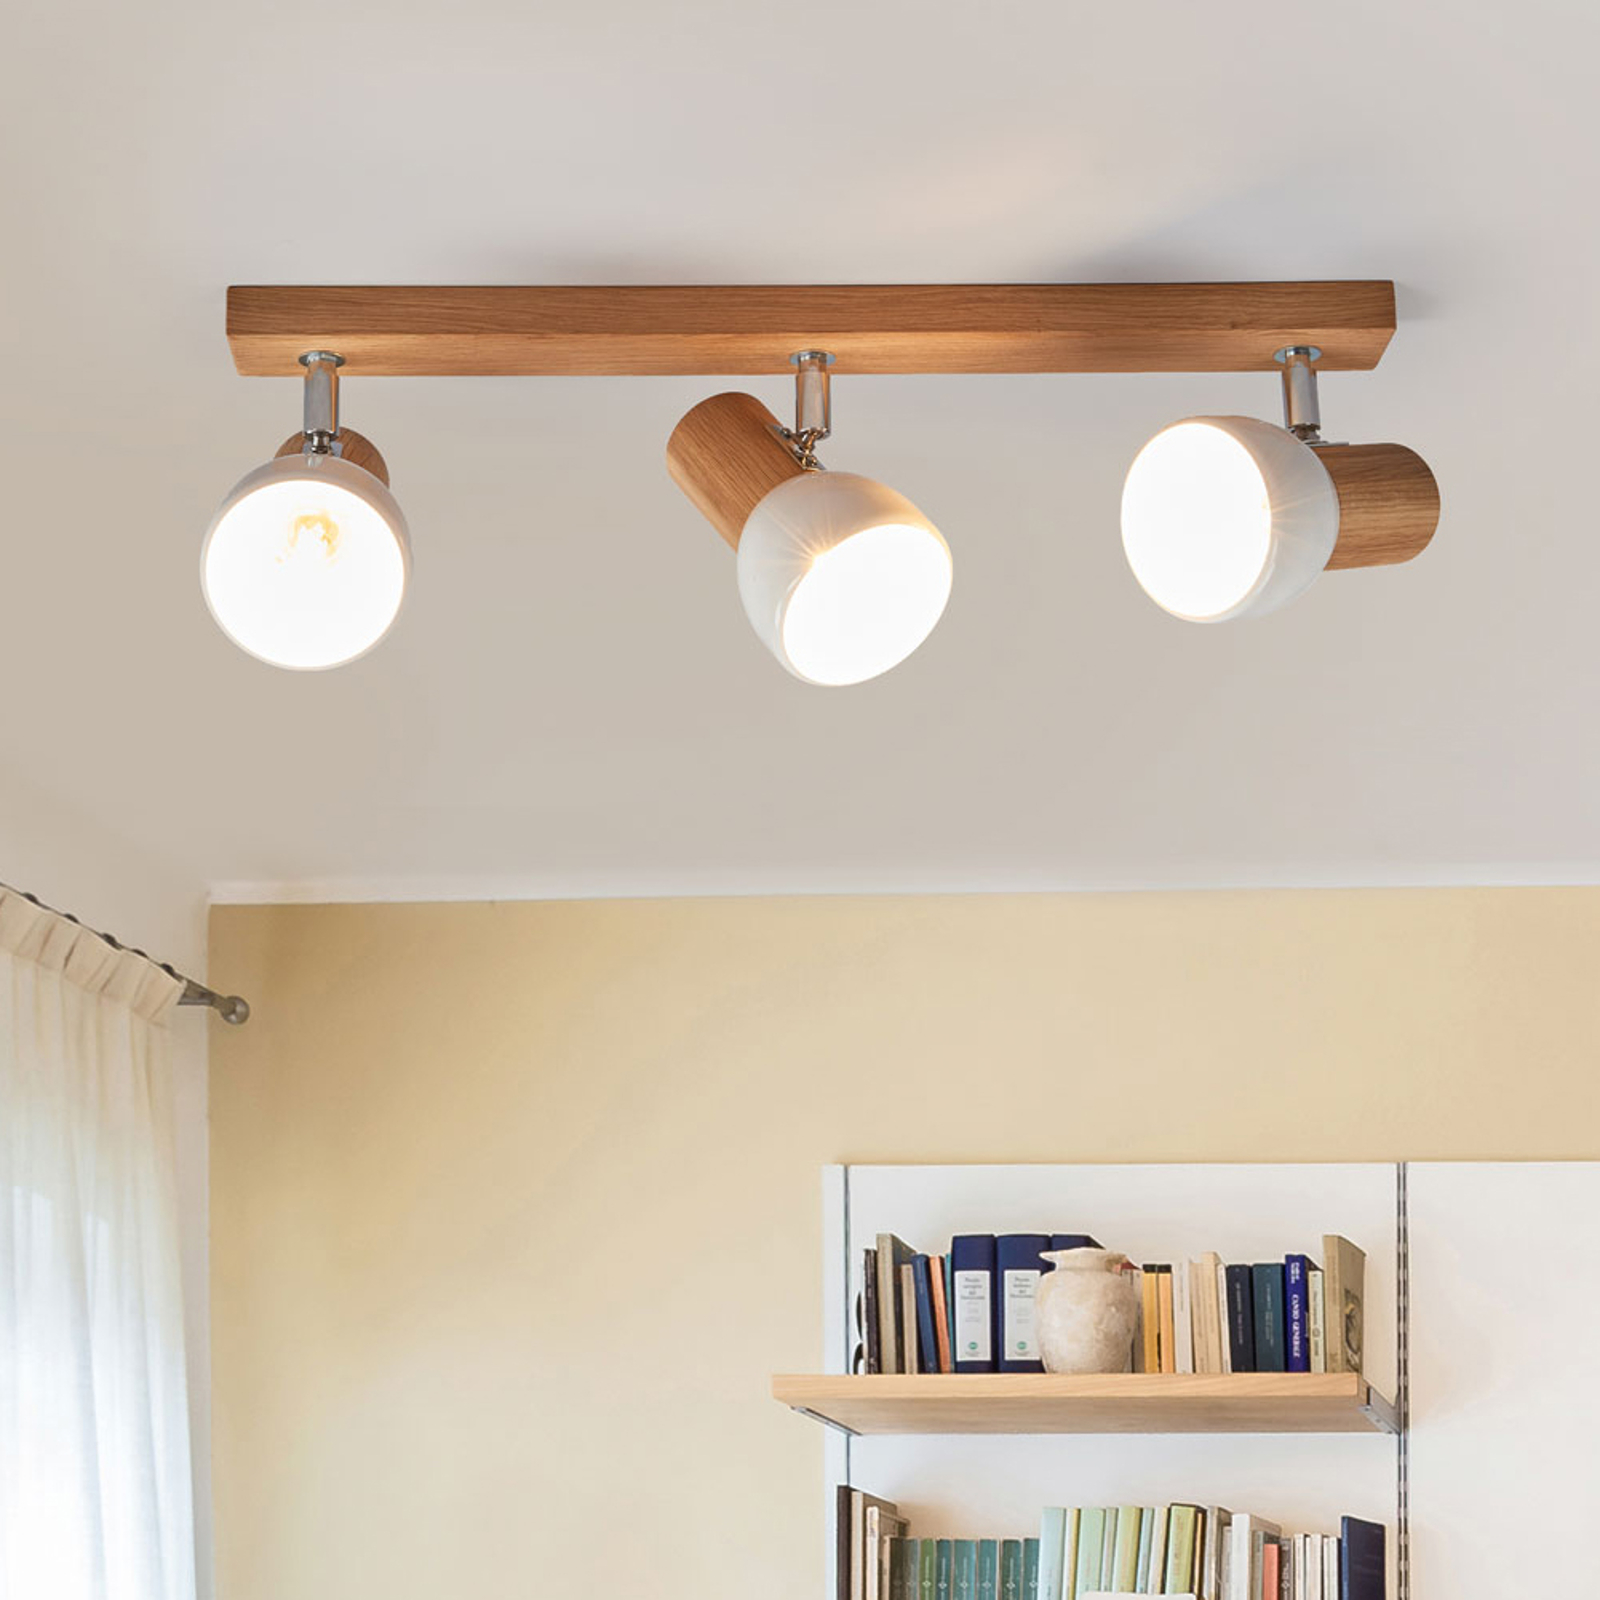 Svenda - plafoniera a 3 luci in legno